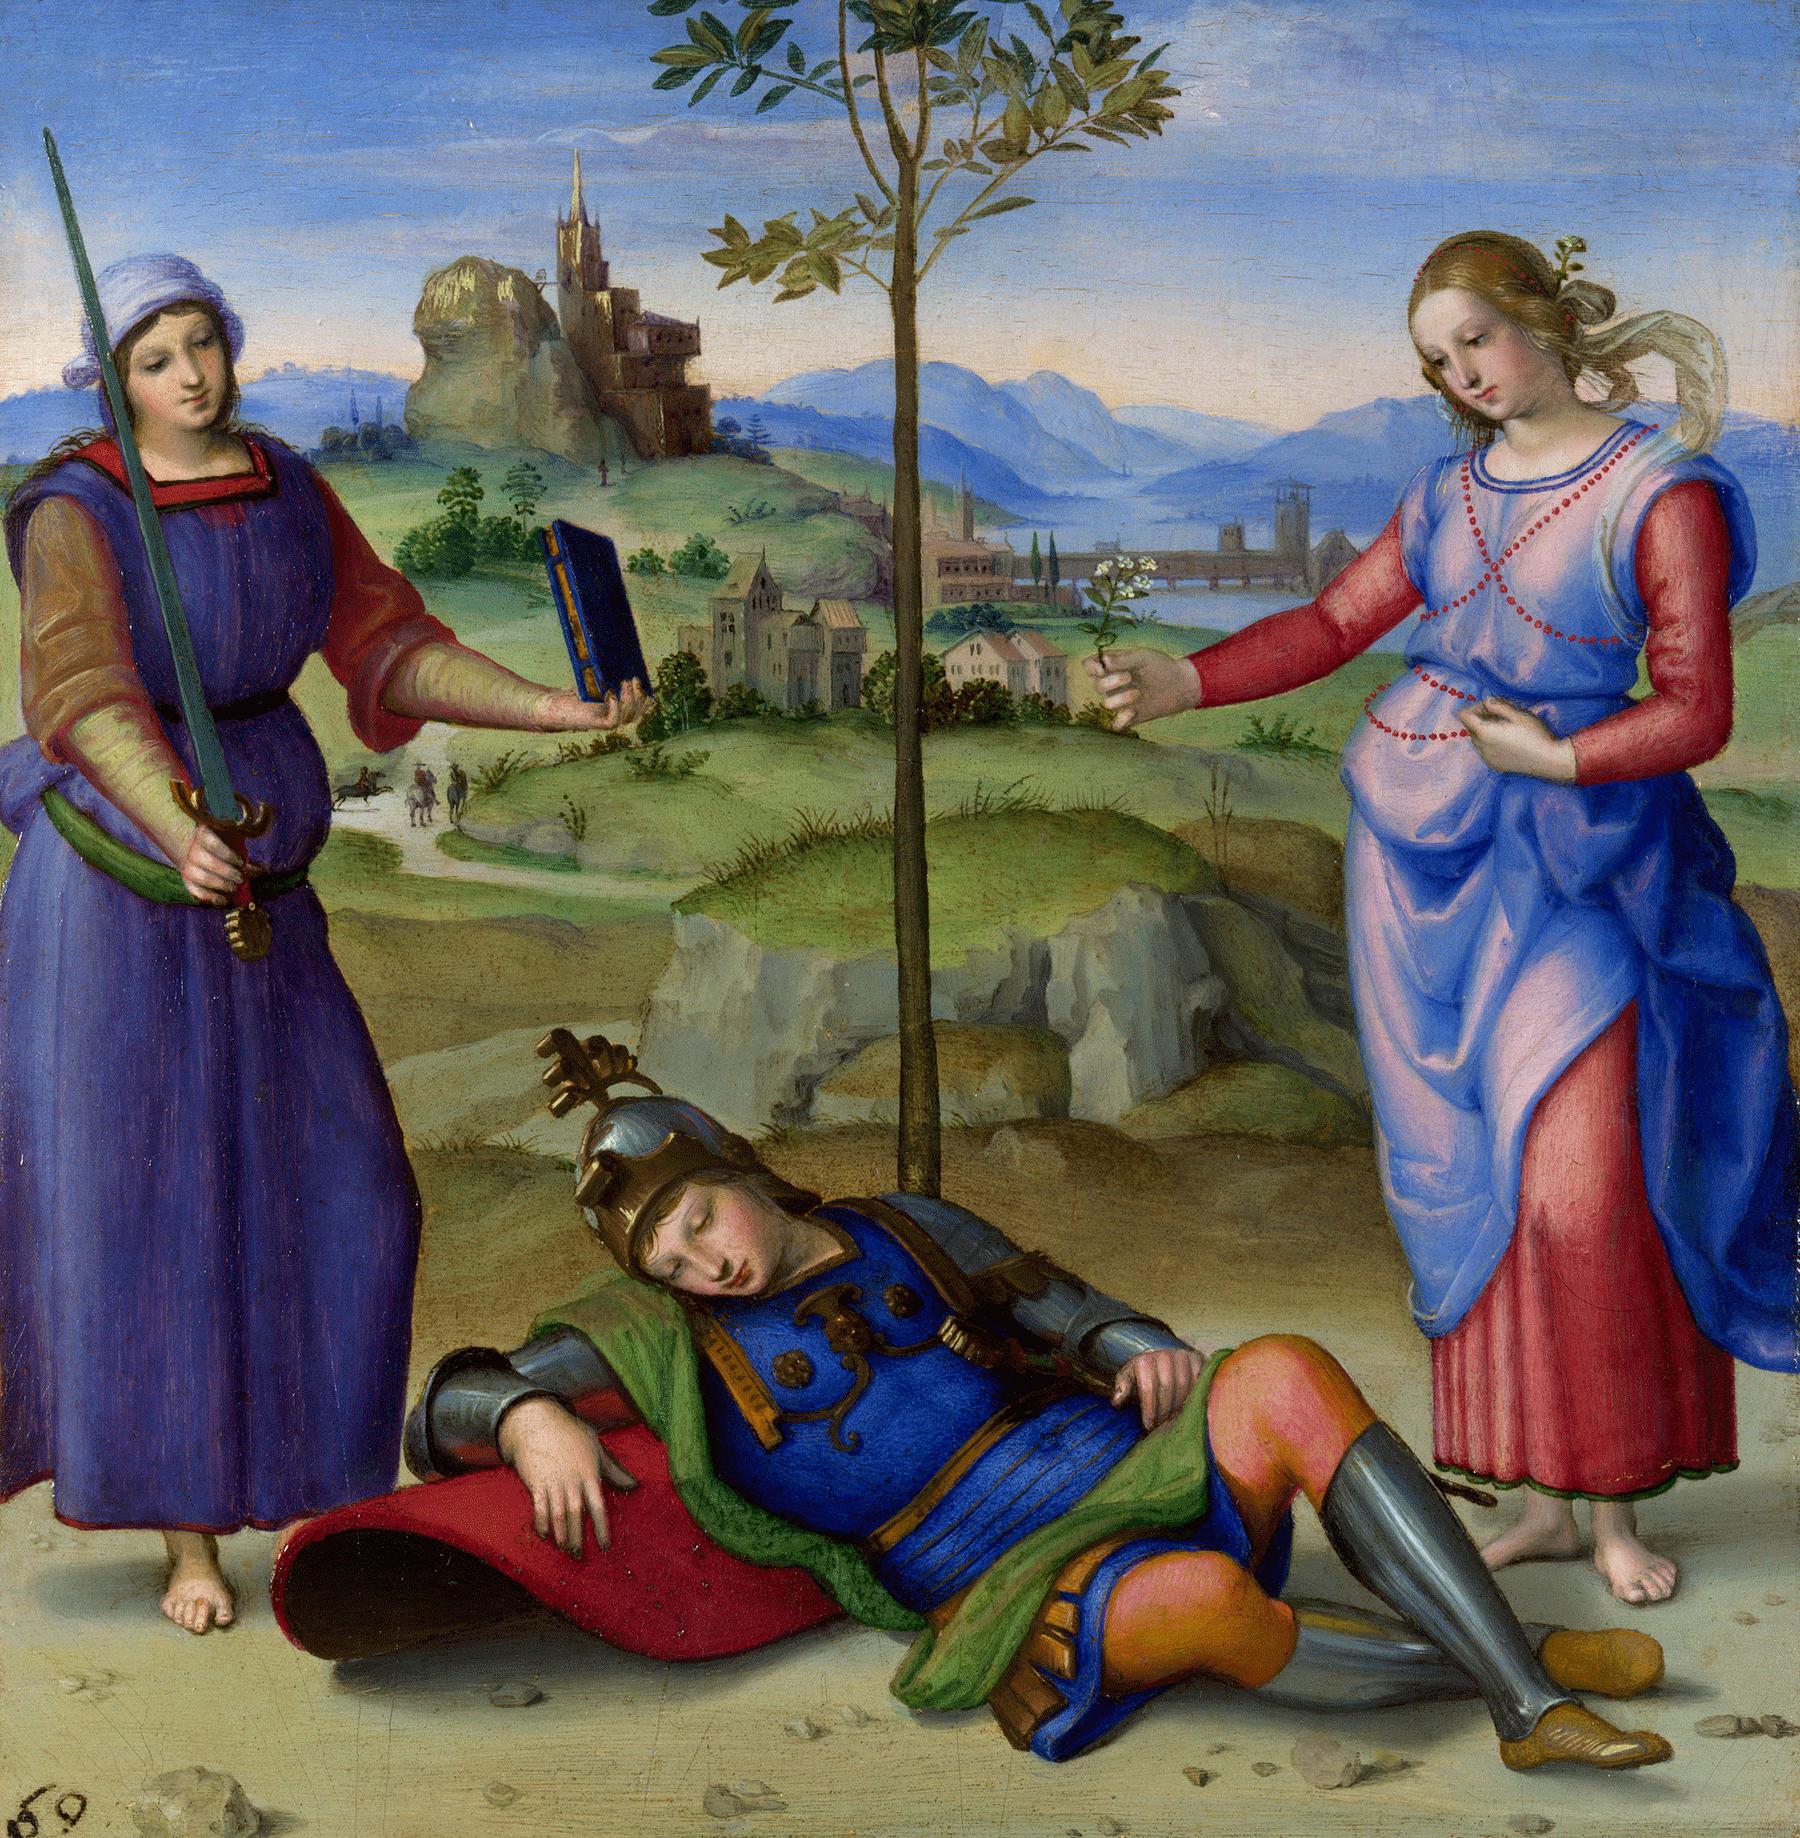 رافیل کی اس مصوری میں بائیں جانب موجود خاتون کی آستین اور زمین پر موجود شخص کے جوتوں اور ٹراؤزر میں اورپیمنٹ اور زرد اوکرے کا استعمال کیا گیا ہے۔